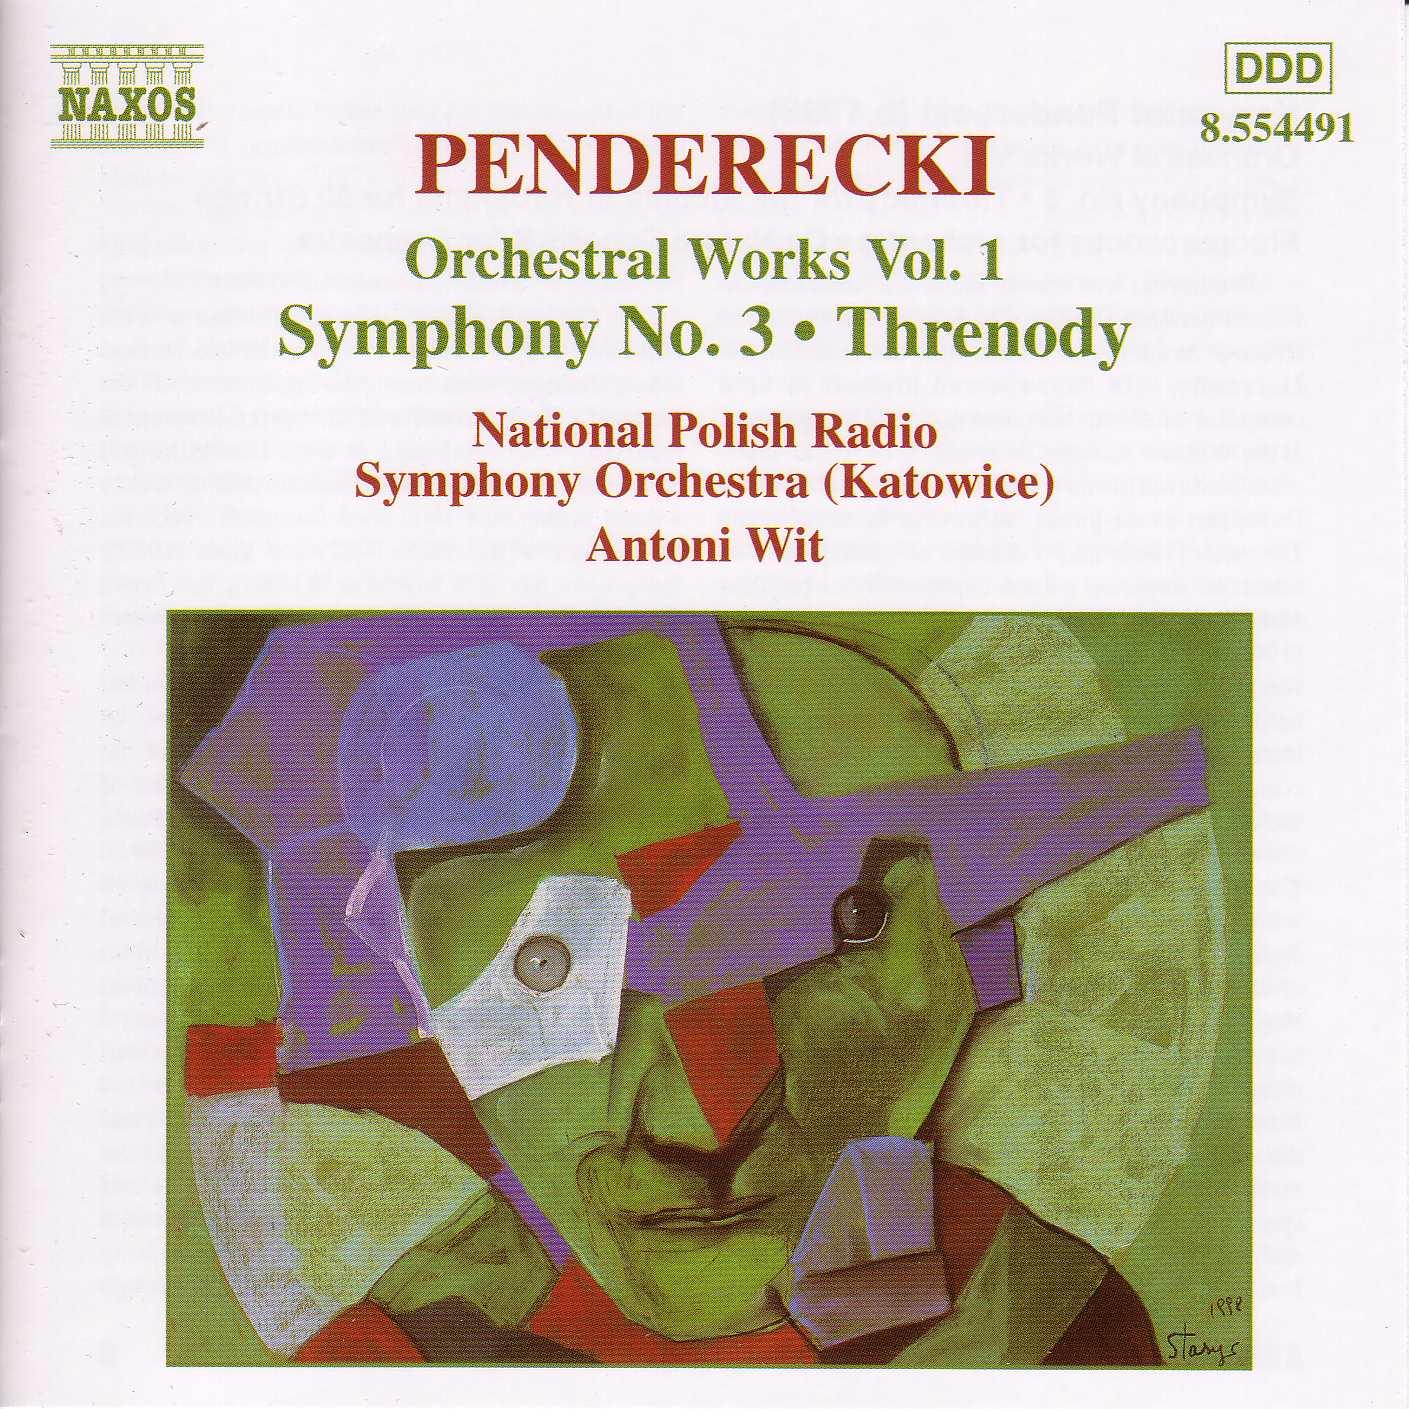 Penderecki: Symphony No. 3 - Threnody